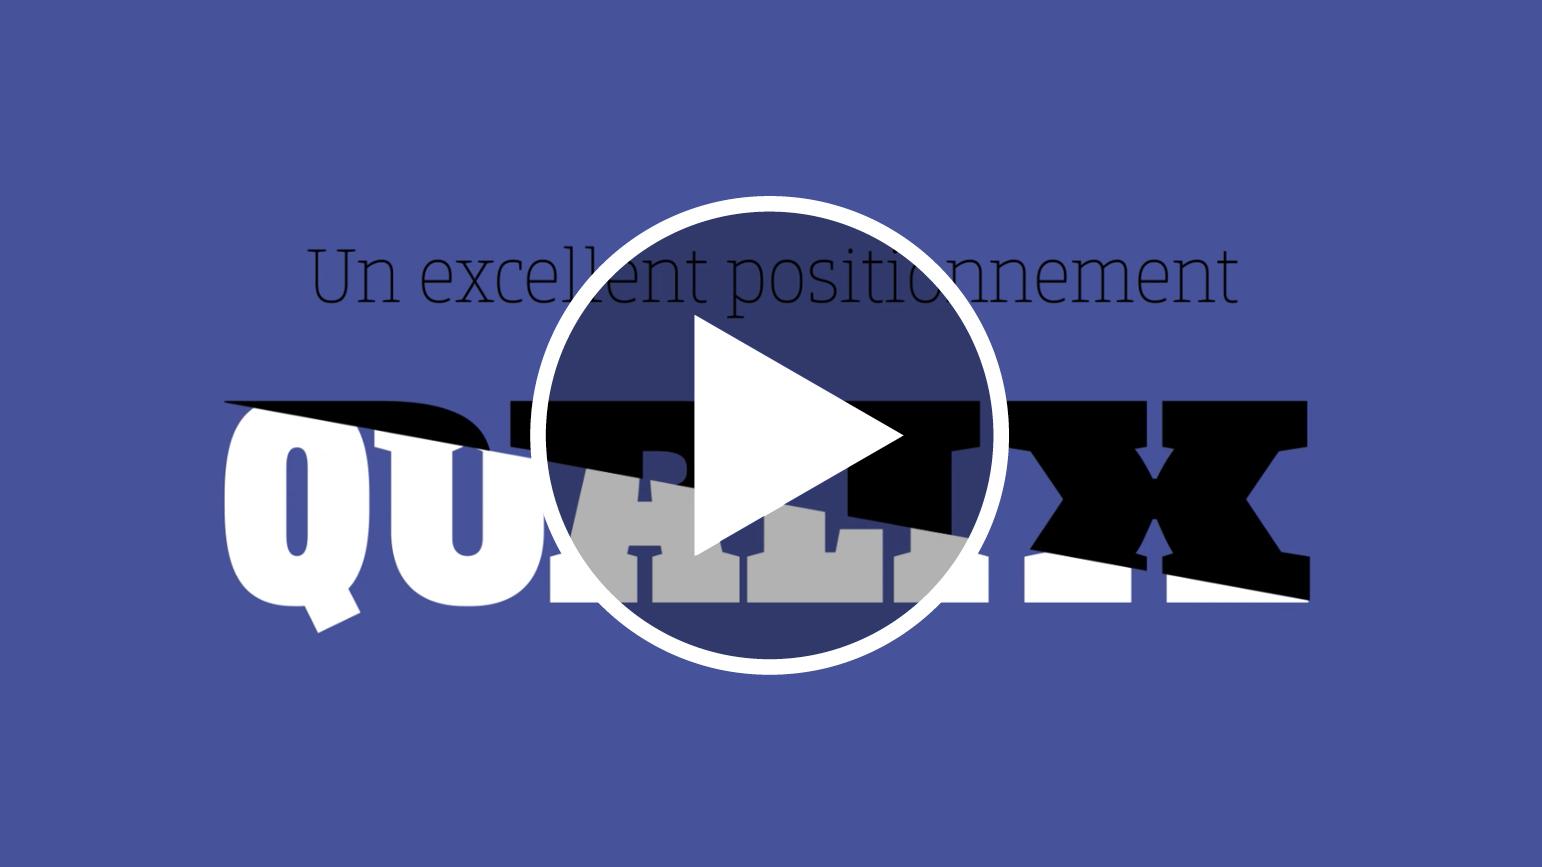 7 - Un excellent positionnement qualité/prix